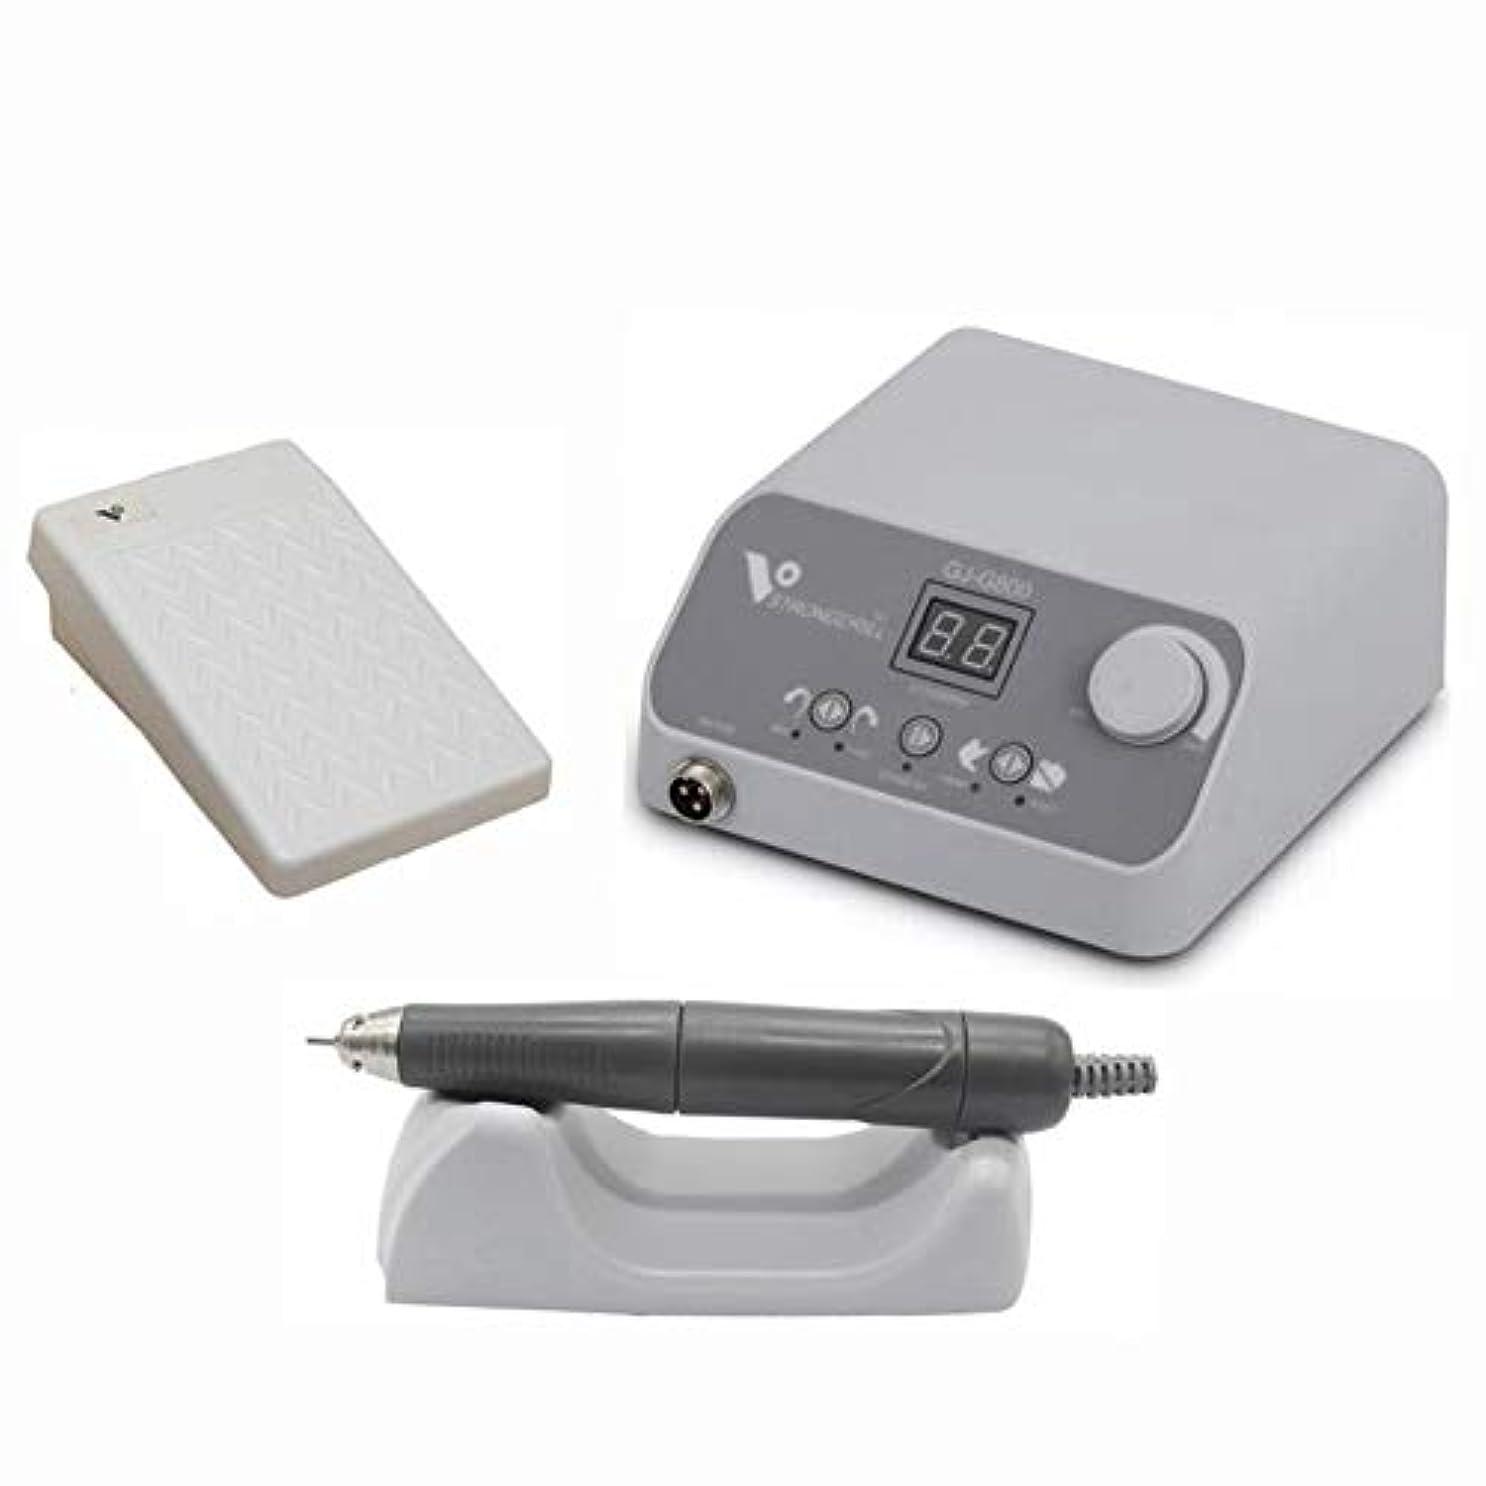 寝る耳マングル電動ネイルドリルマシン50000 RPMブラシレスモーター50W金属玉彫り偽歯磨き機電動ネイルファイル